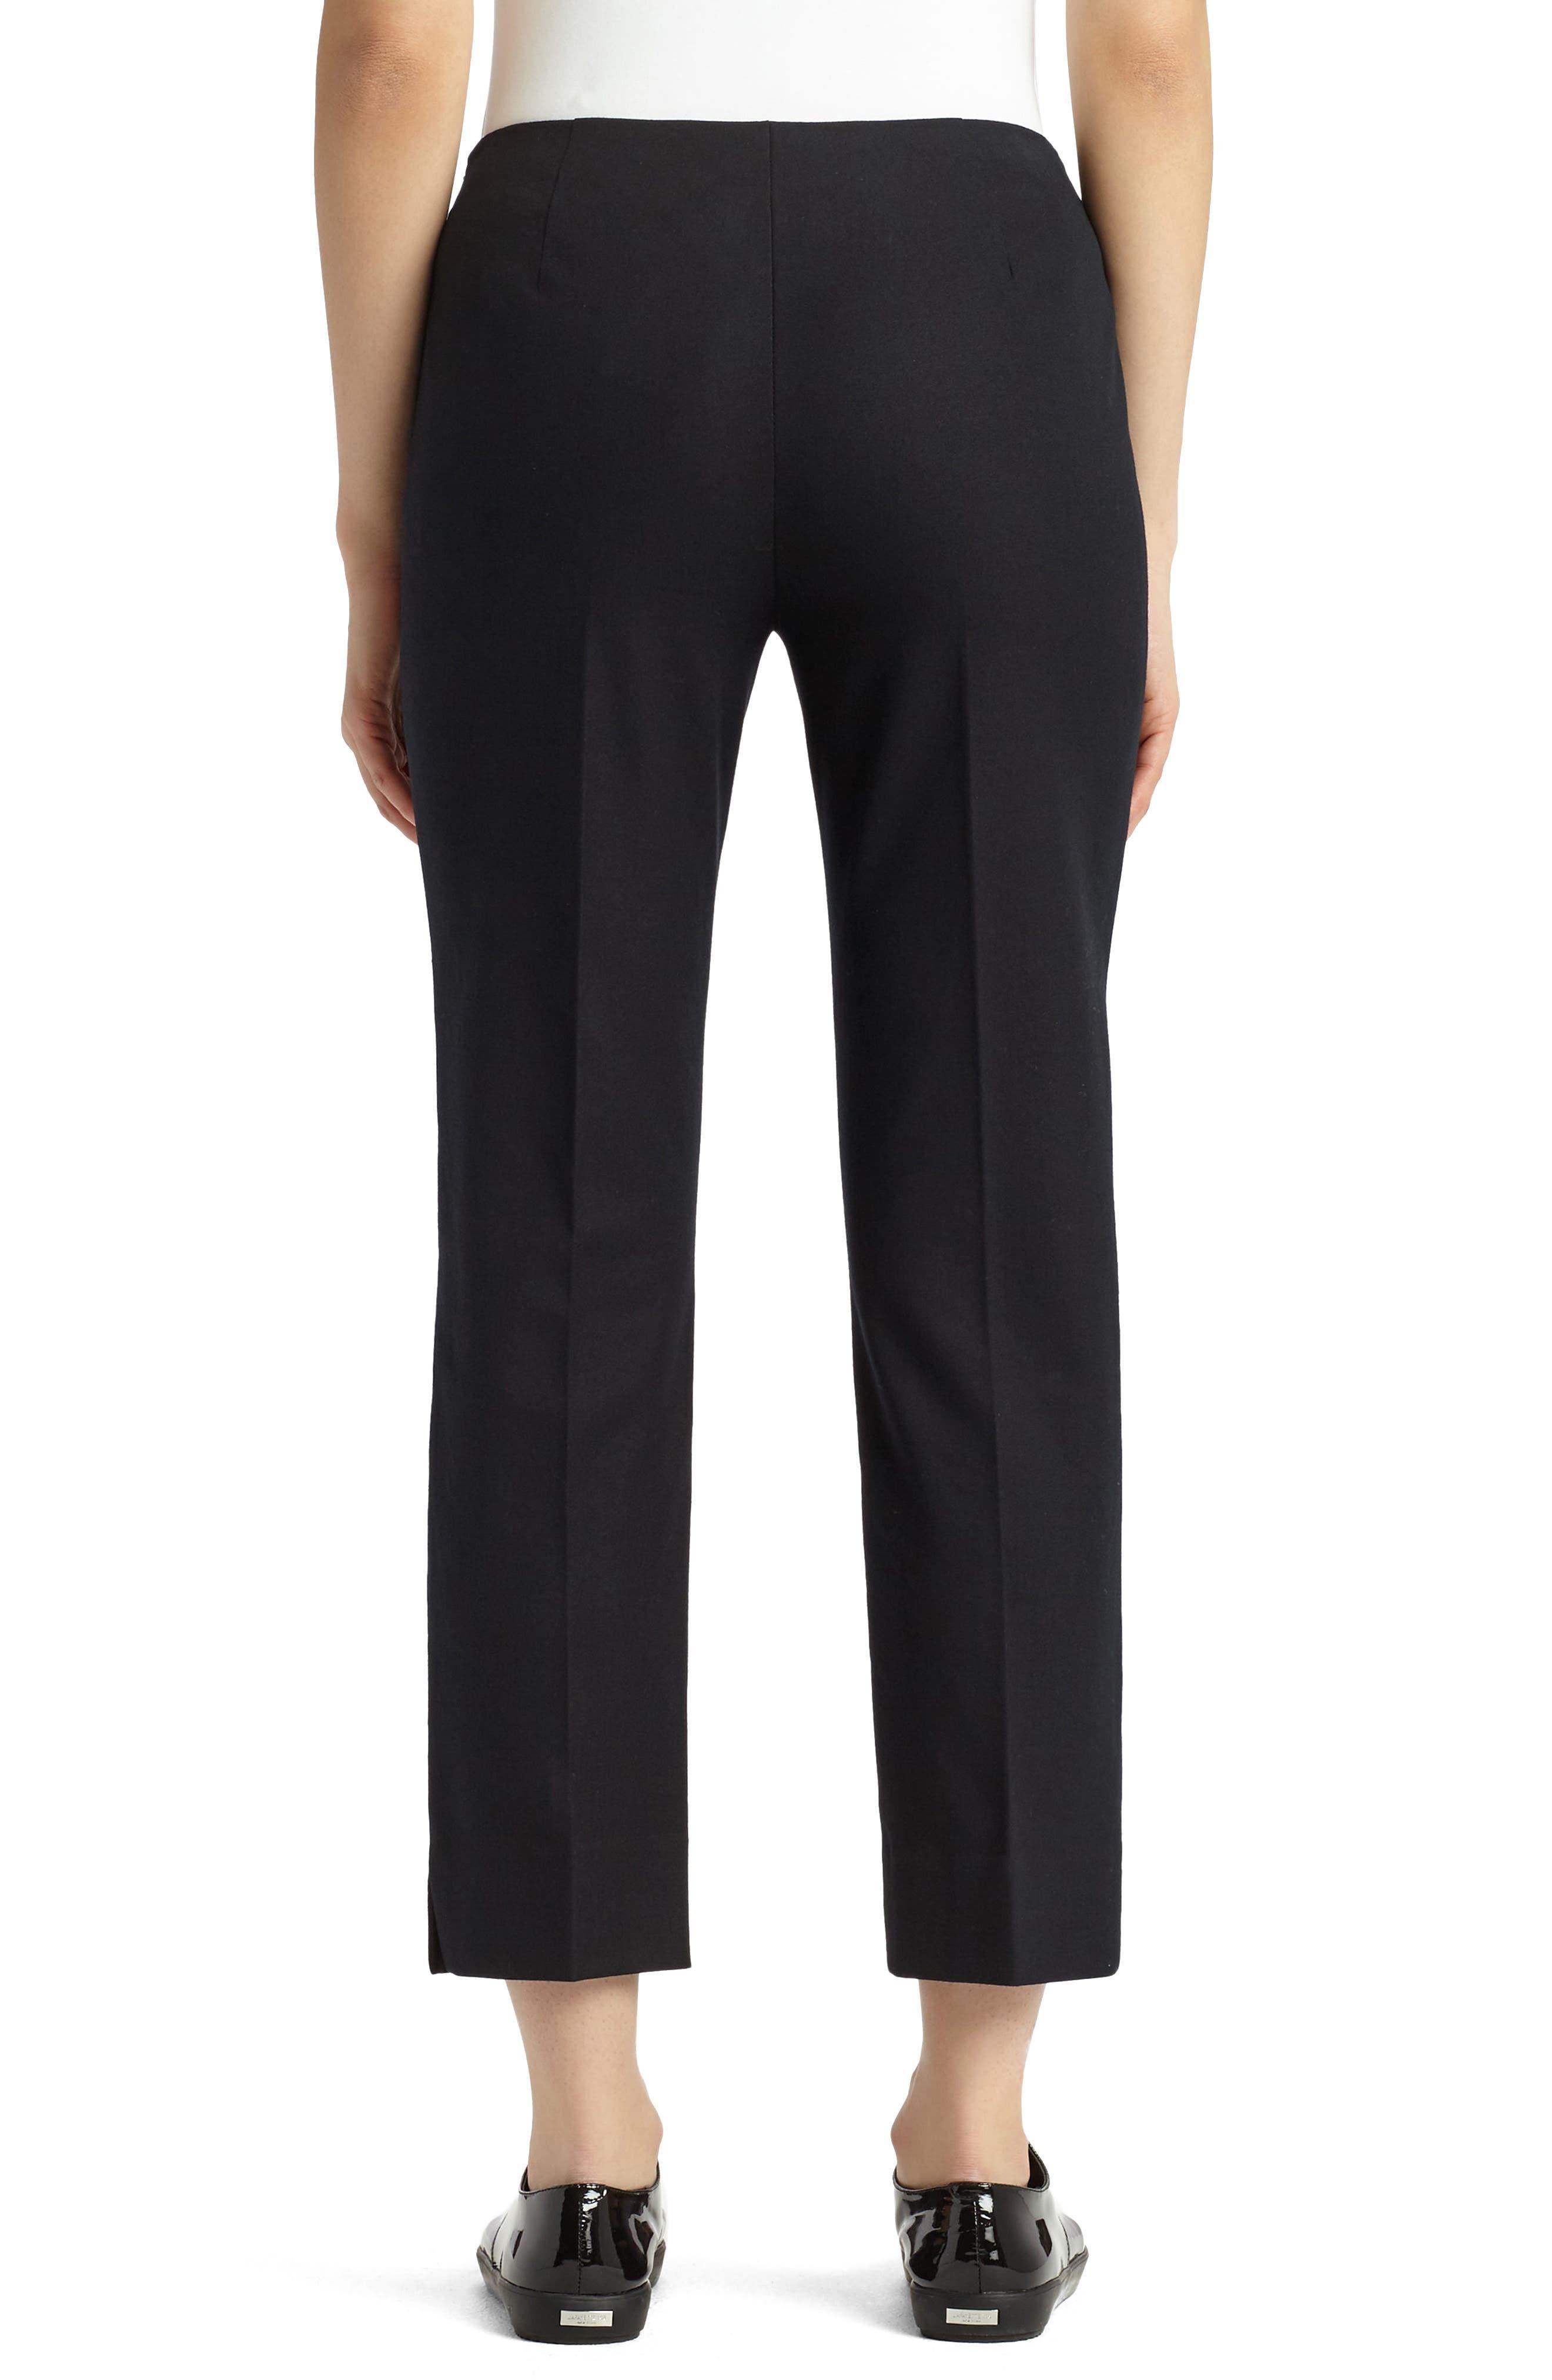 LAFAYETTE 148 NEW YORK, Lexington Stretch Cotton Crop Pants, Alternate thumbnail 2, color, BLACK